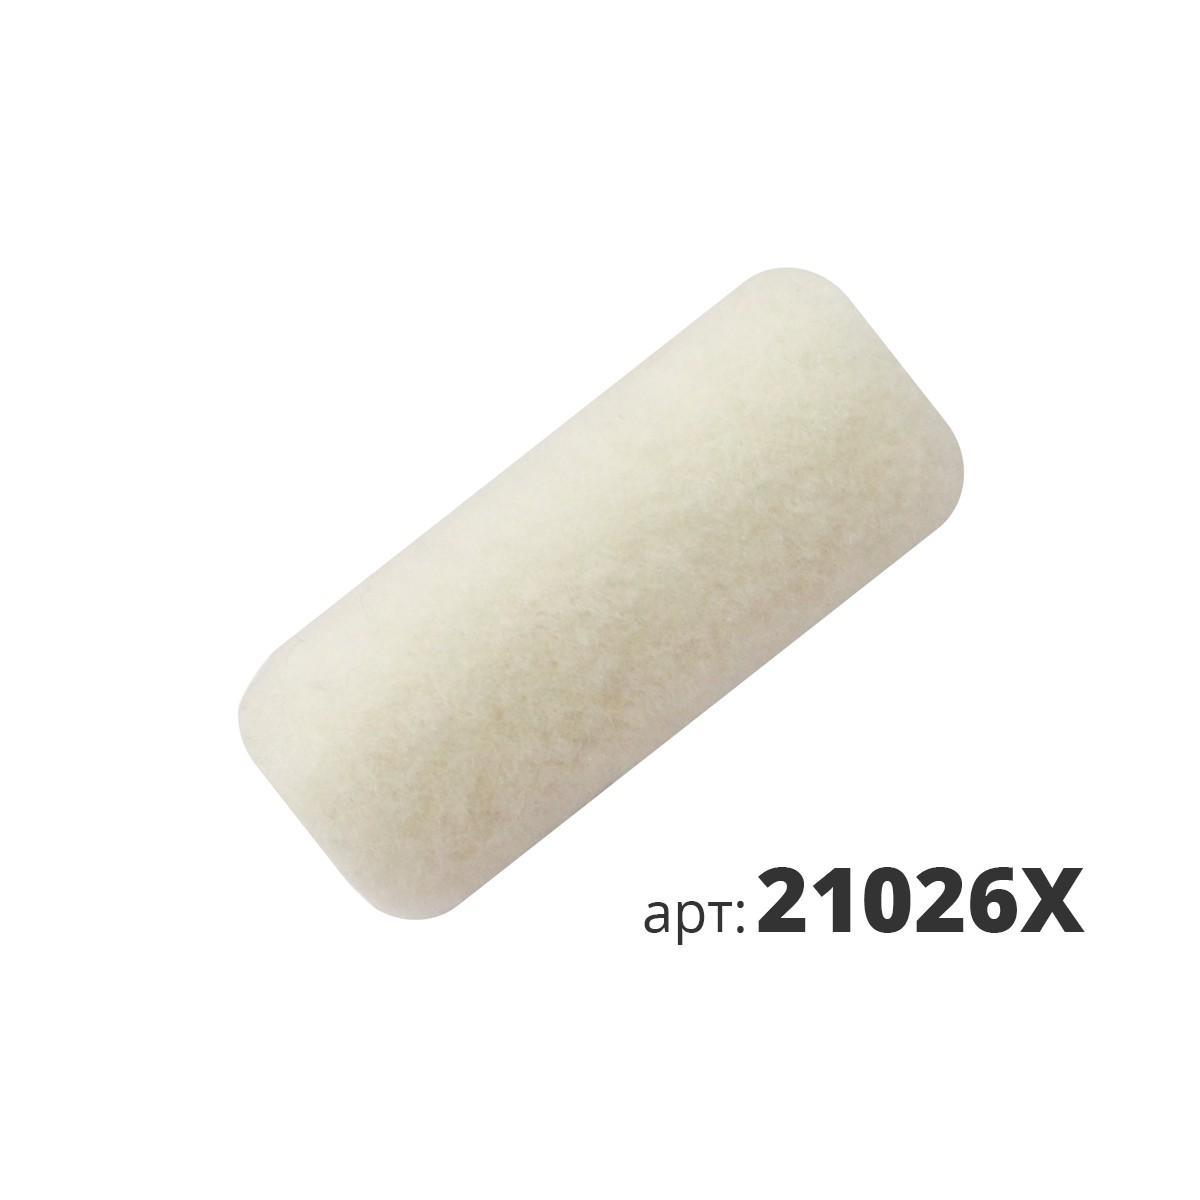 Мини-валик велюровый 21026X